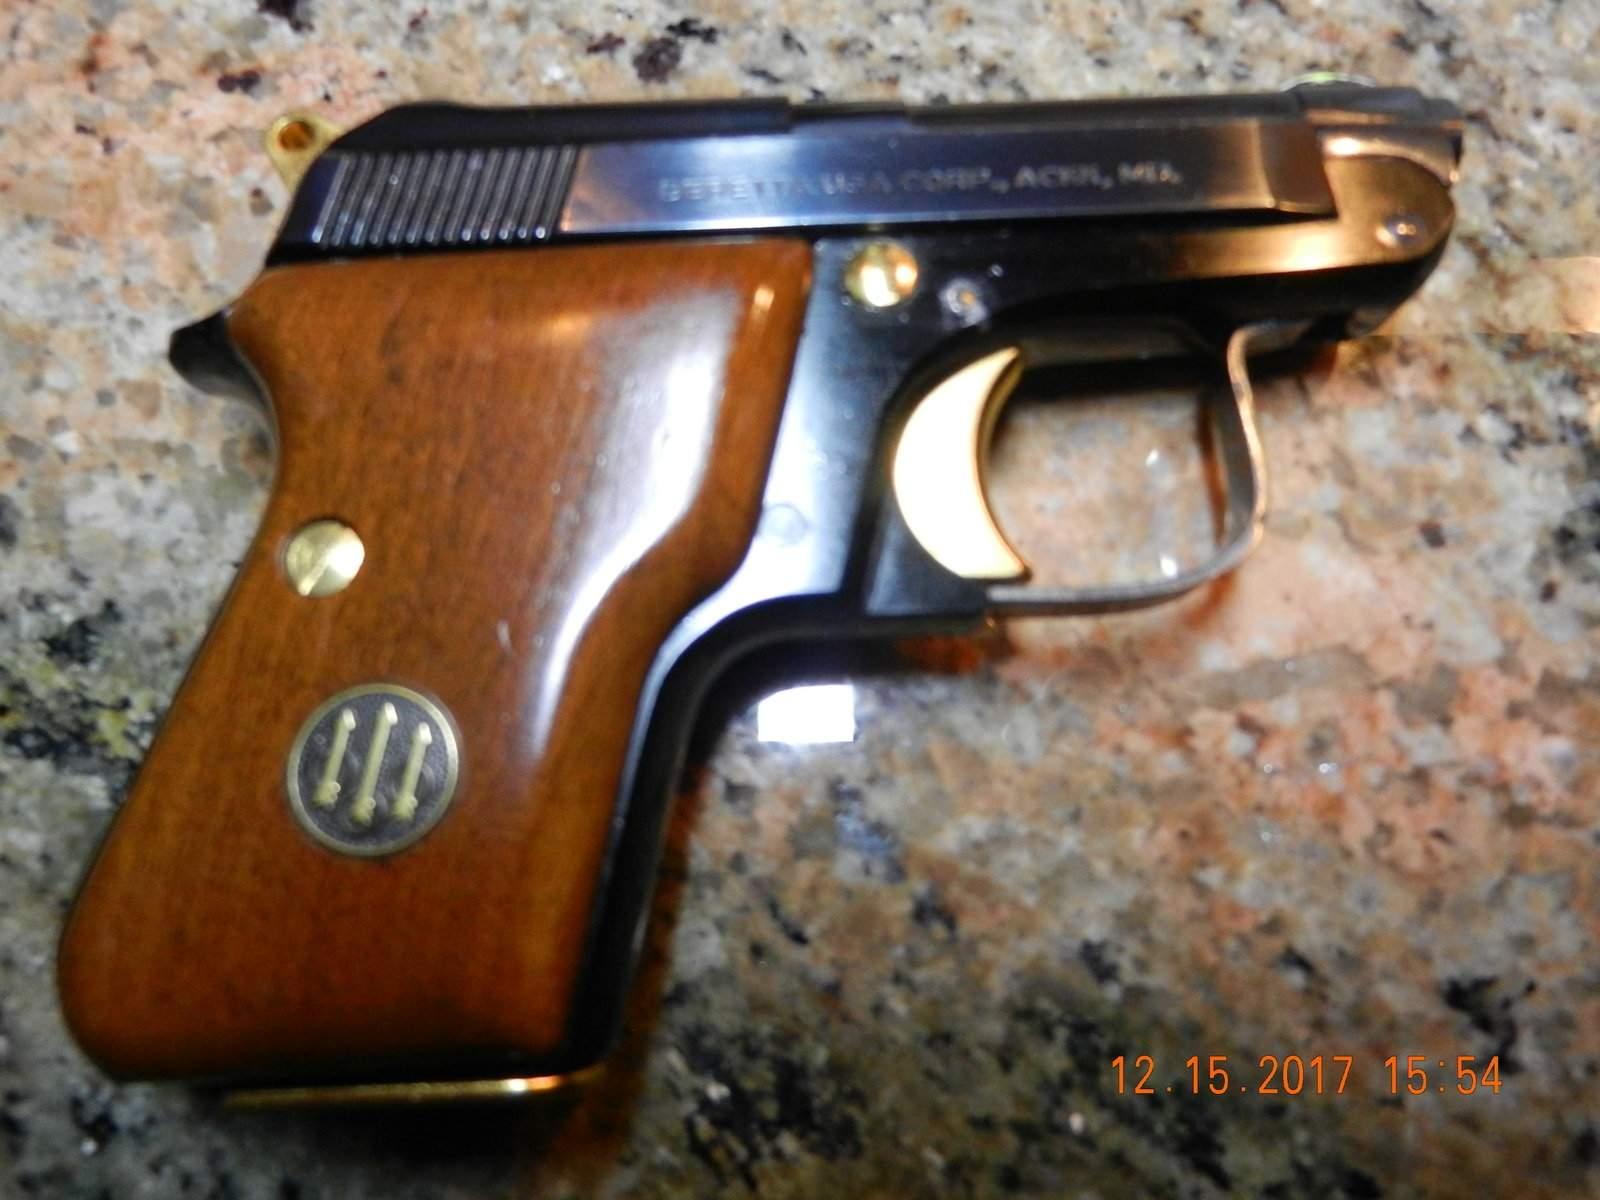 WTS WA - Beretta 950 BS  25 ACP with Gold Kit | Northwest